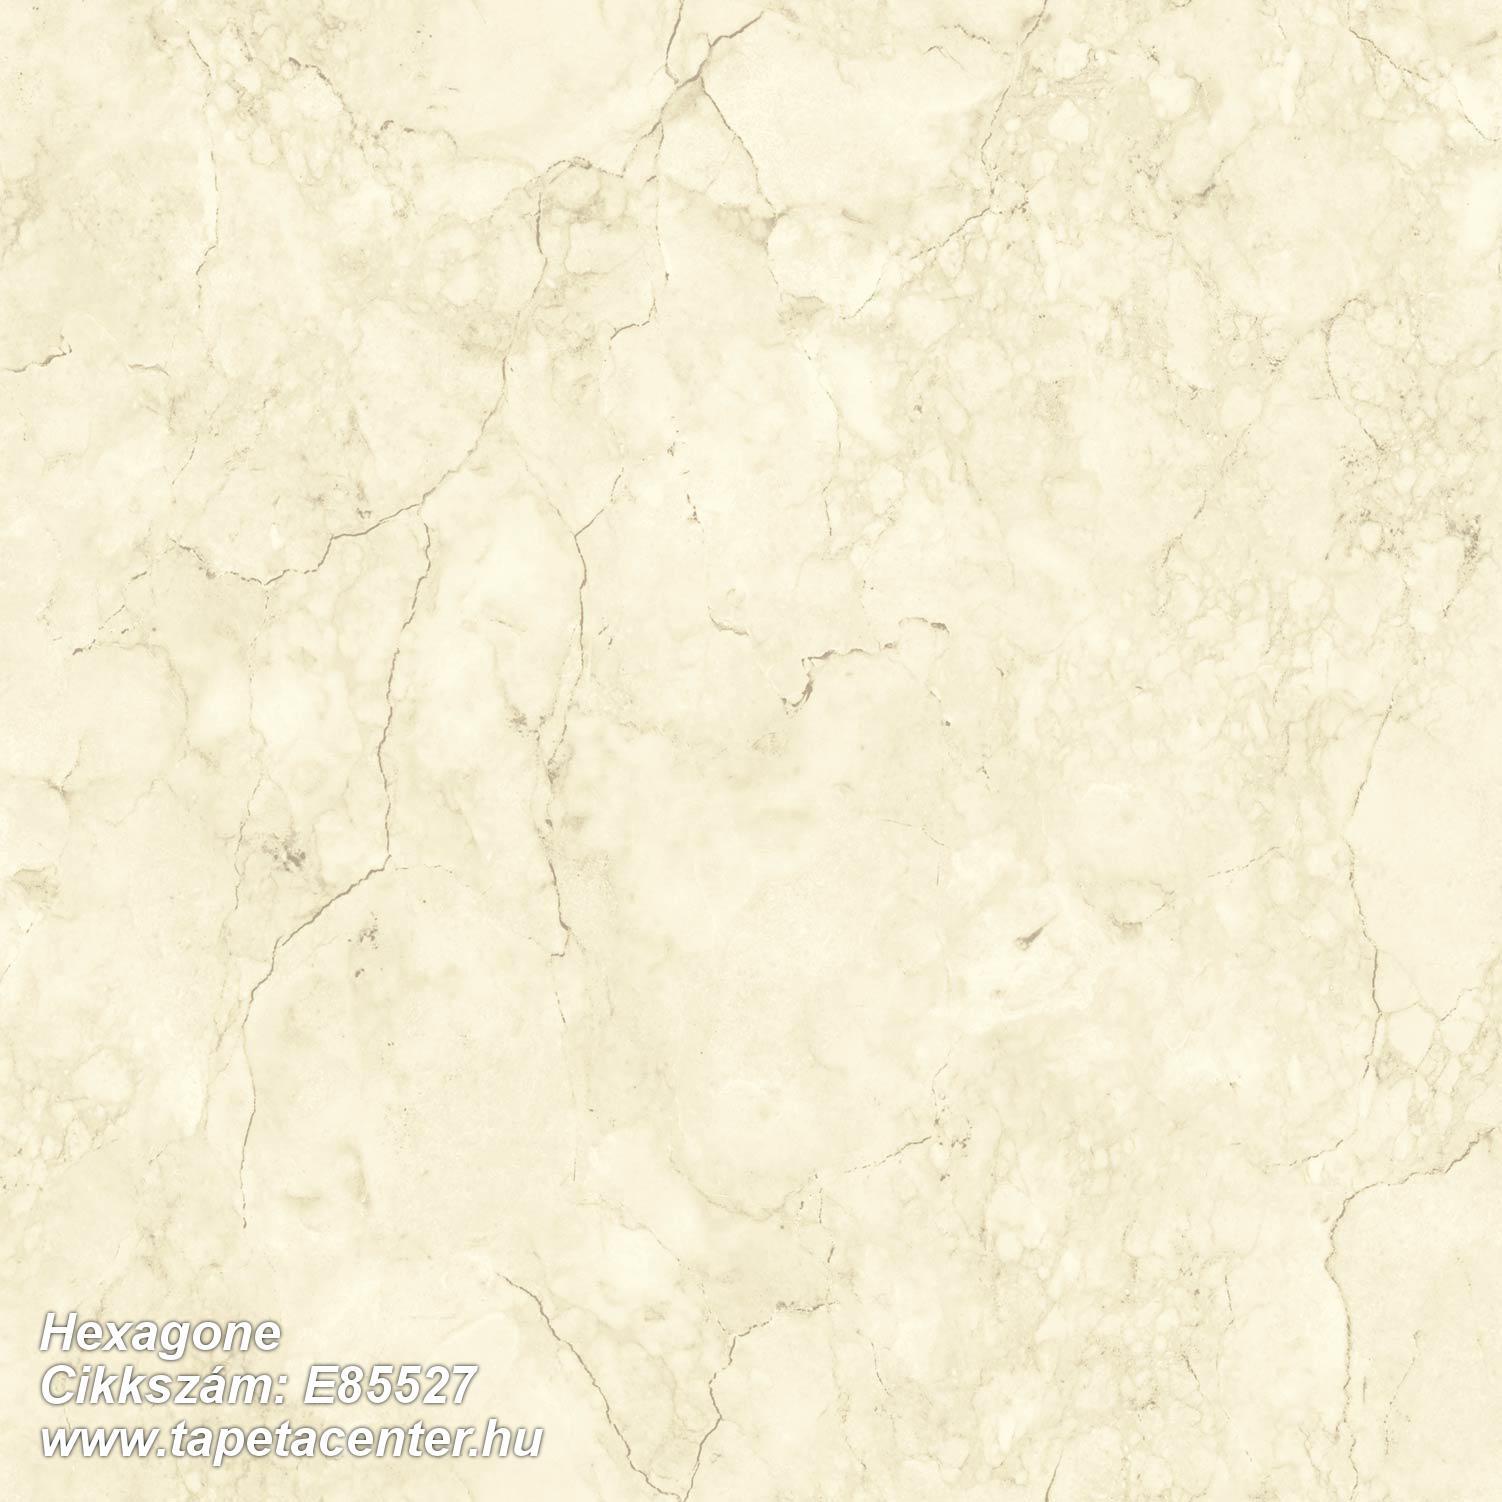 Konyha-fürdőszobai,kőhatású-kőmintás,különleges felületű,különleges motívumos,bézs-drapp,sárga,lemosható,vlies tapéta